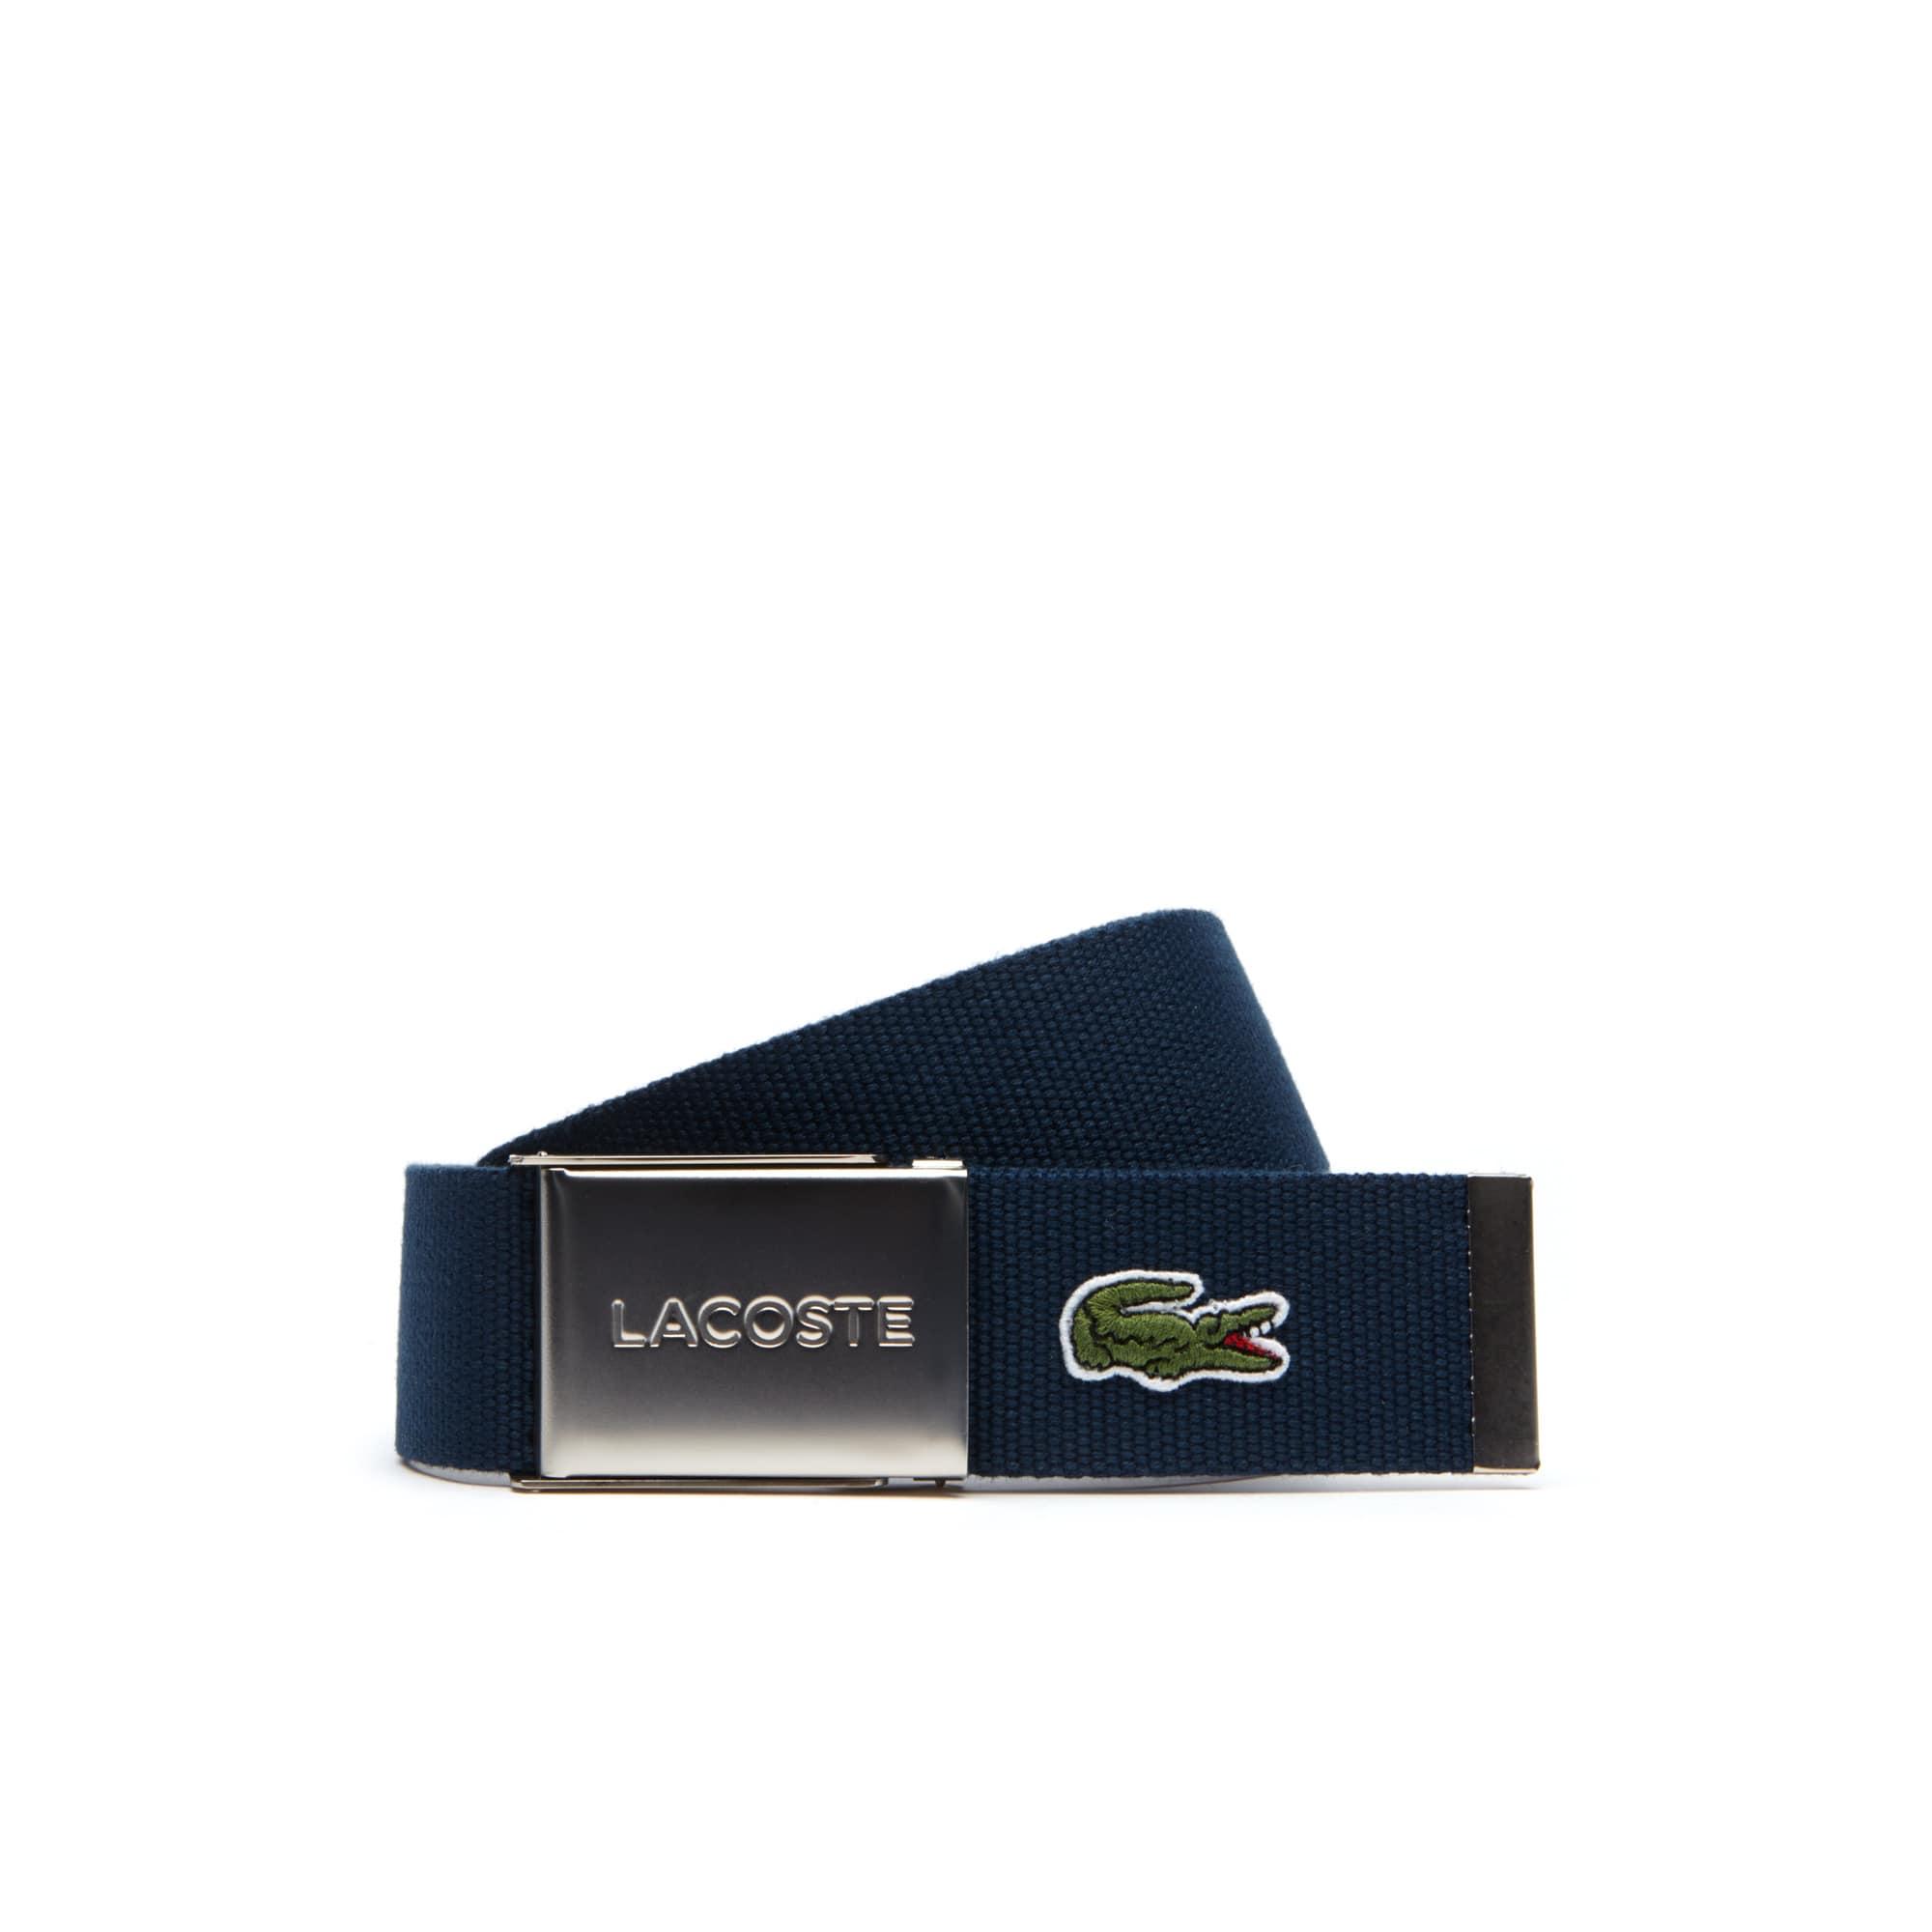 Cinto com fecho com gravação Lacoste Edição Made in France